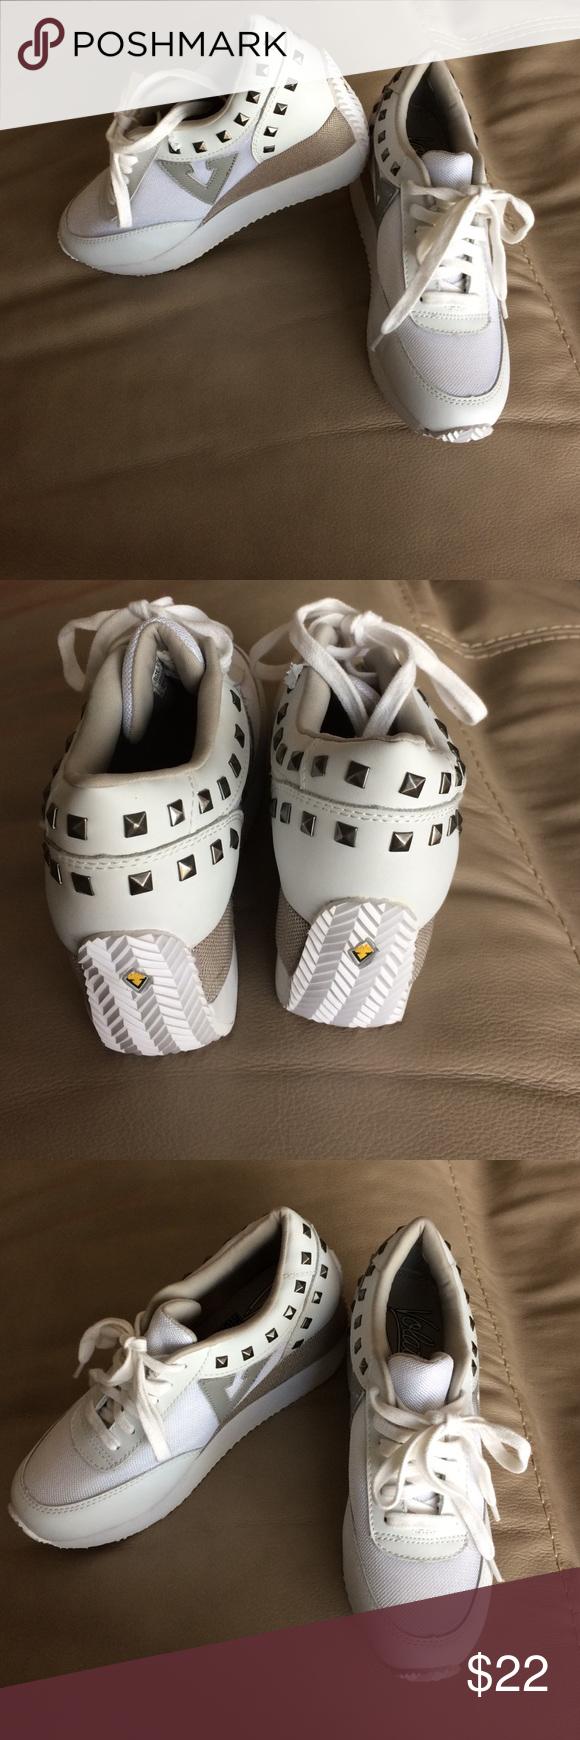 295551c7940 Volatile kicks white womens Cody fashion sneakers Never worn. New without  tag. White volatile kicks fashion sneakers size 6.5 volatile kicks Shoes  Sneakers